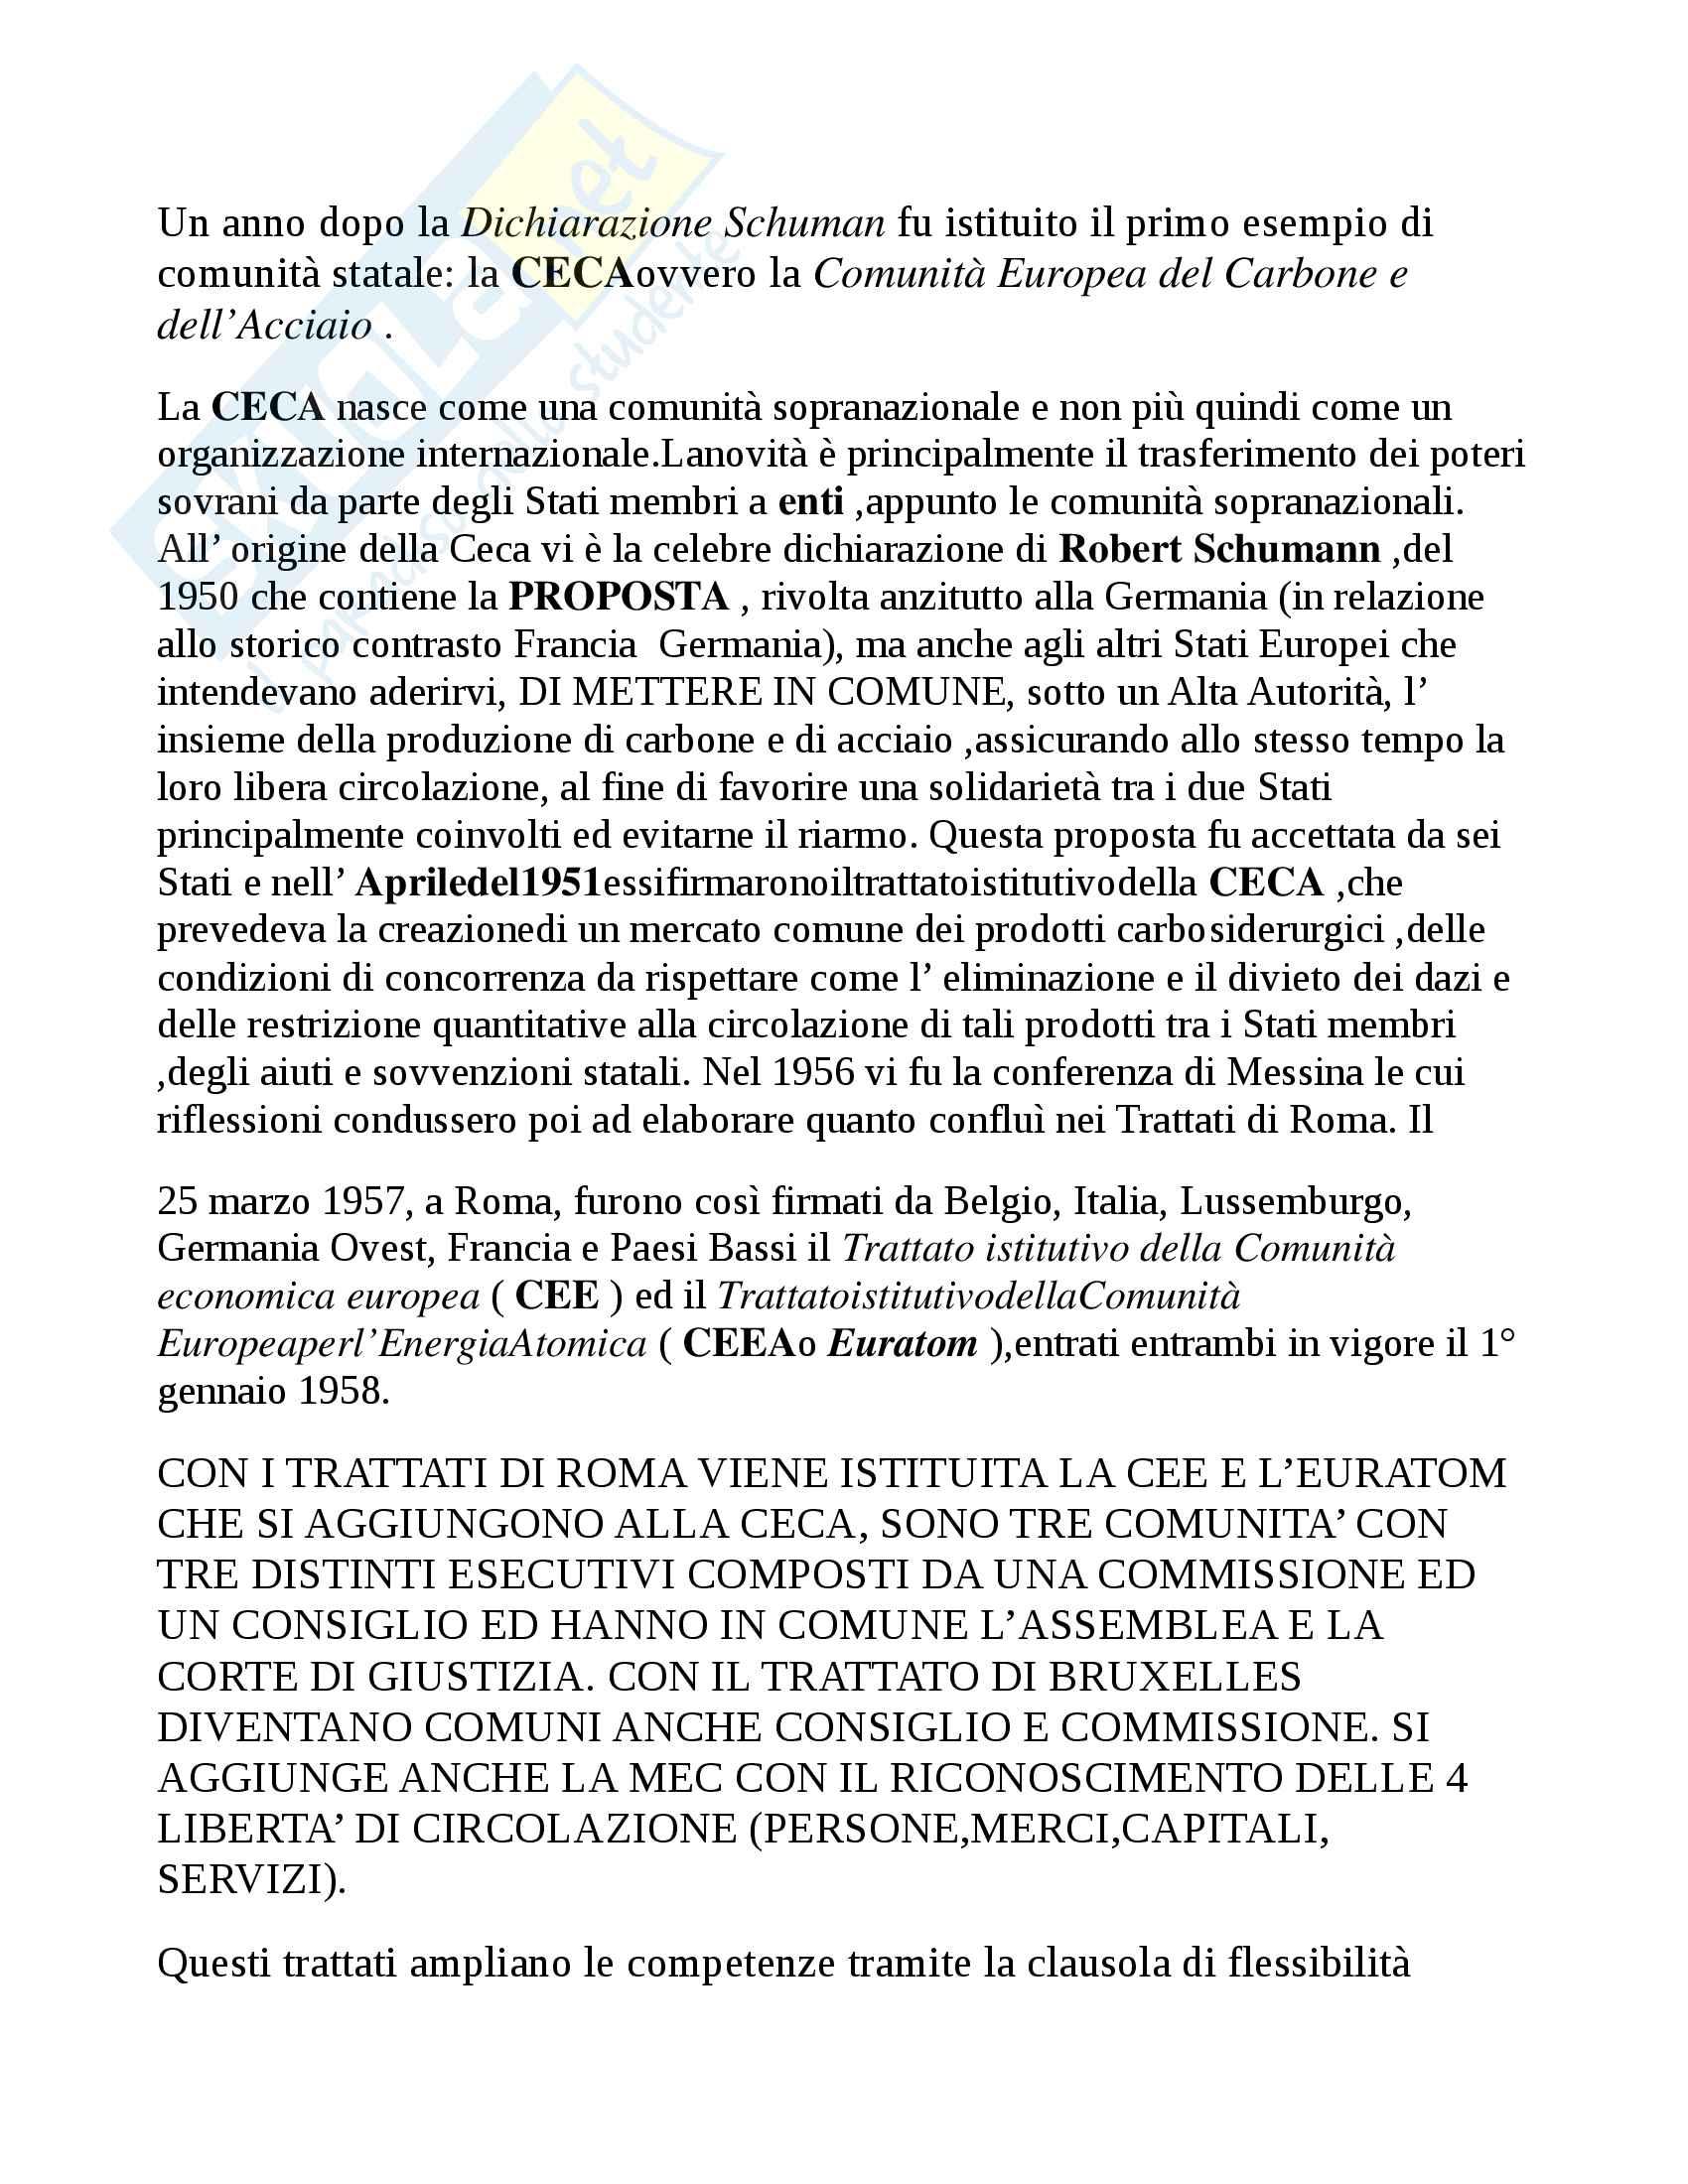 Riassunto per l'esame di diritto pubblico dell'economia LUISS - Canali A-B-C-D; Libro consigliato Pellegrini (aggiornato 2016) e Rossano Pag. 2